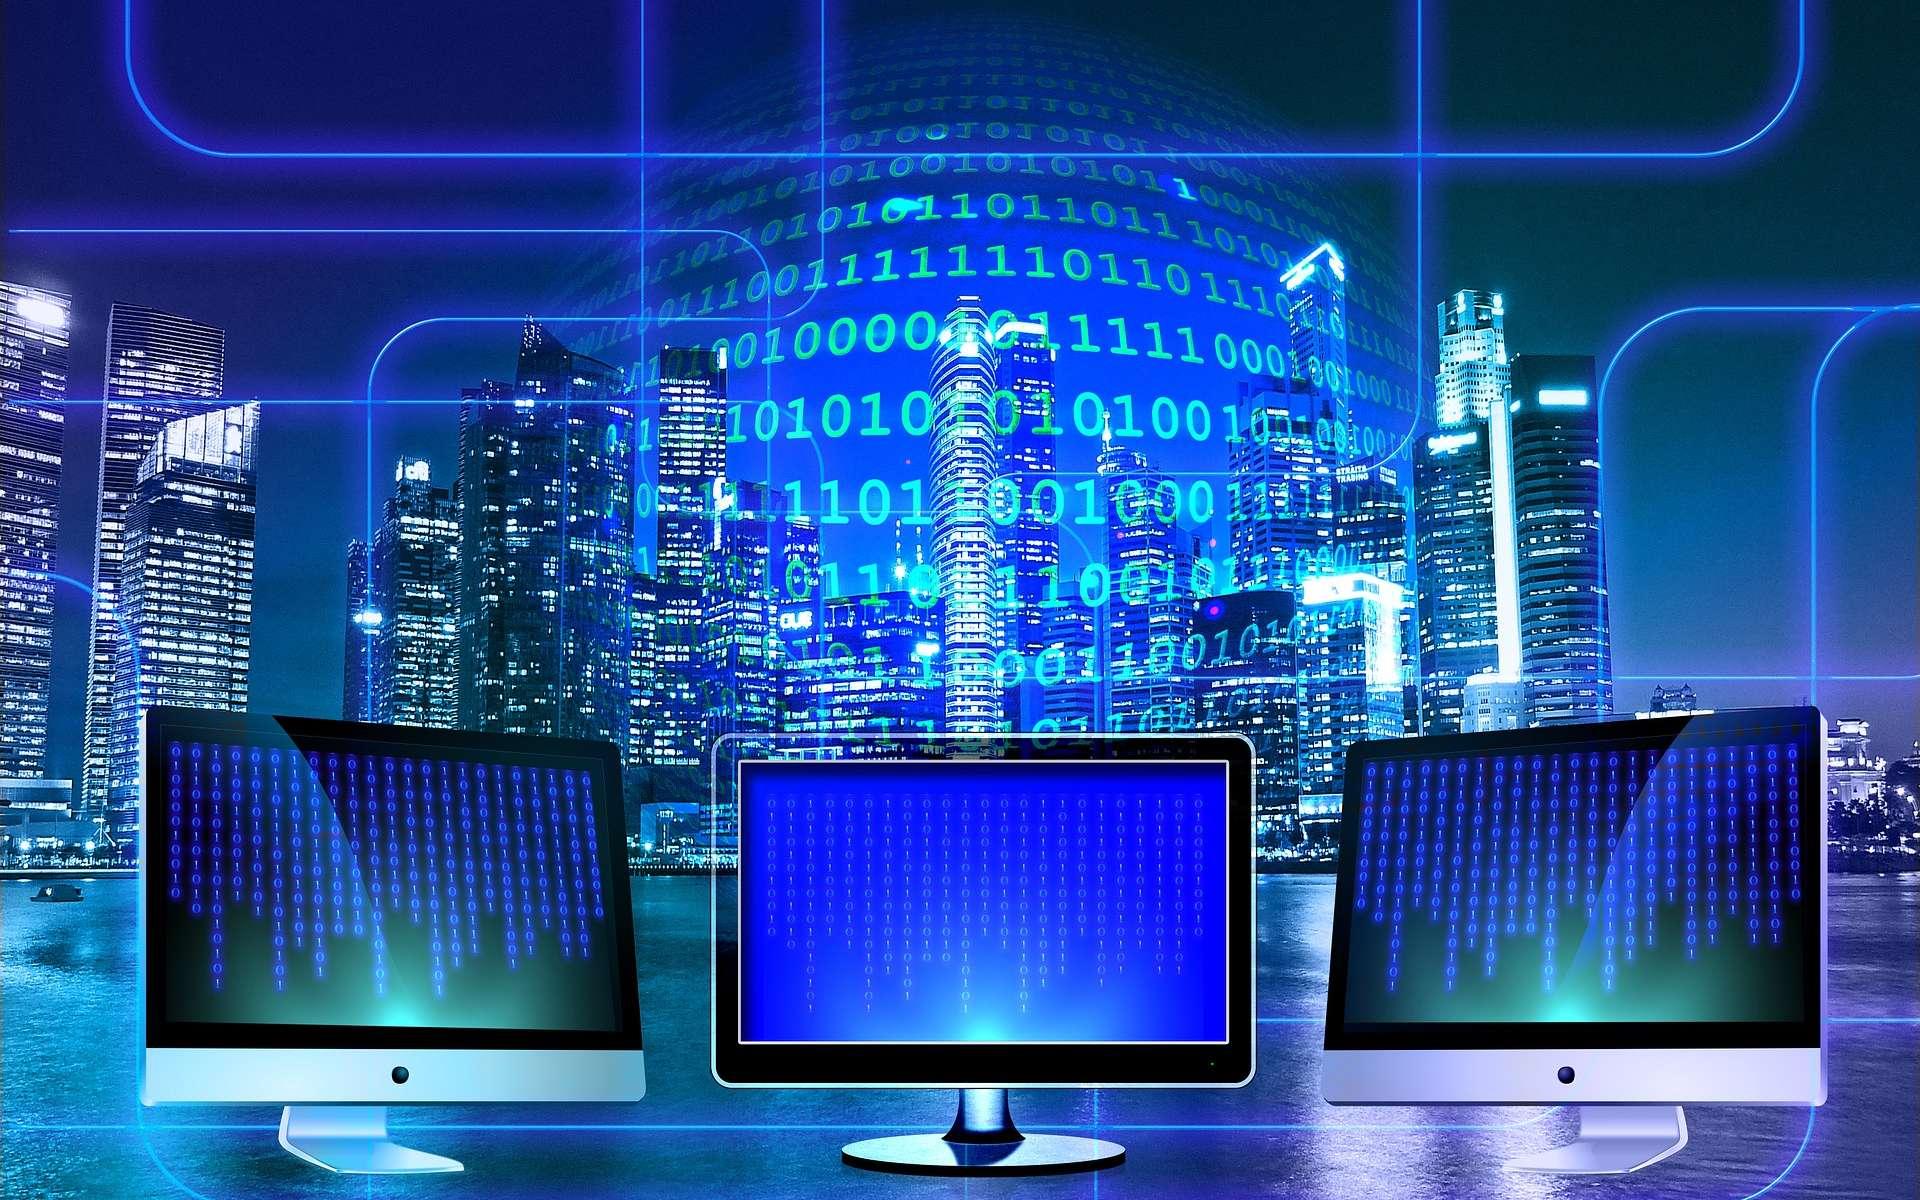 Le big data, de nombreux métiers, un secteur d'avenir attractif pour les diplômés. © Geralt, Pixabay2